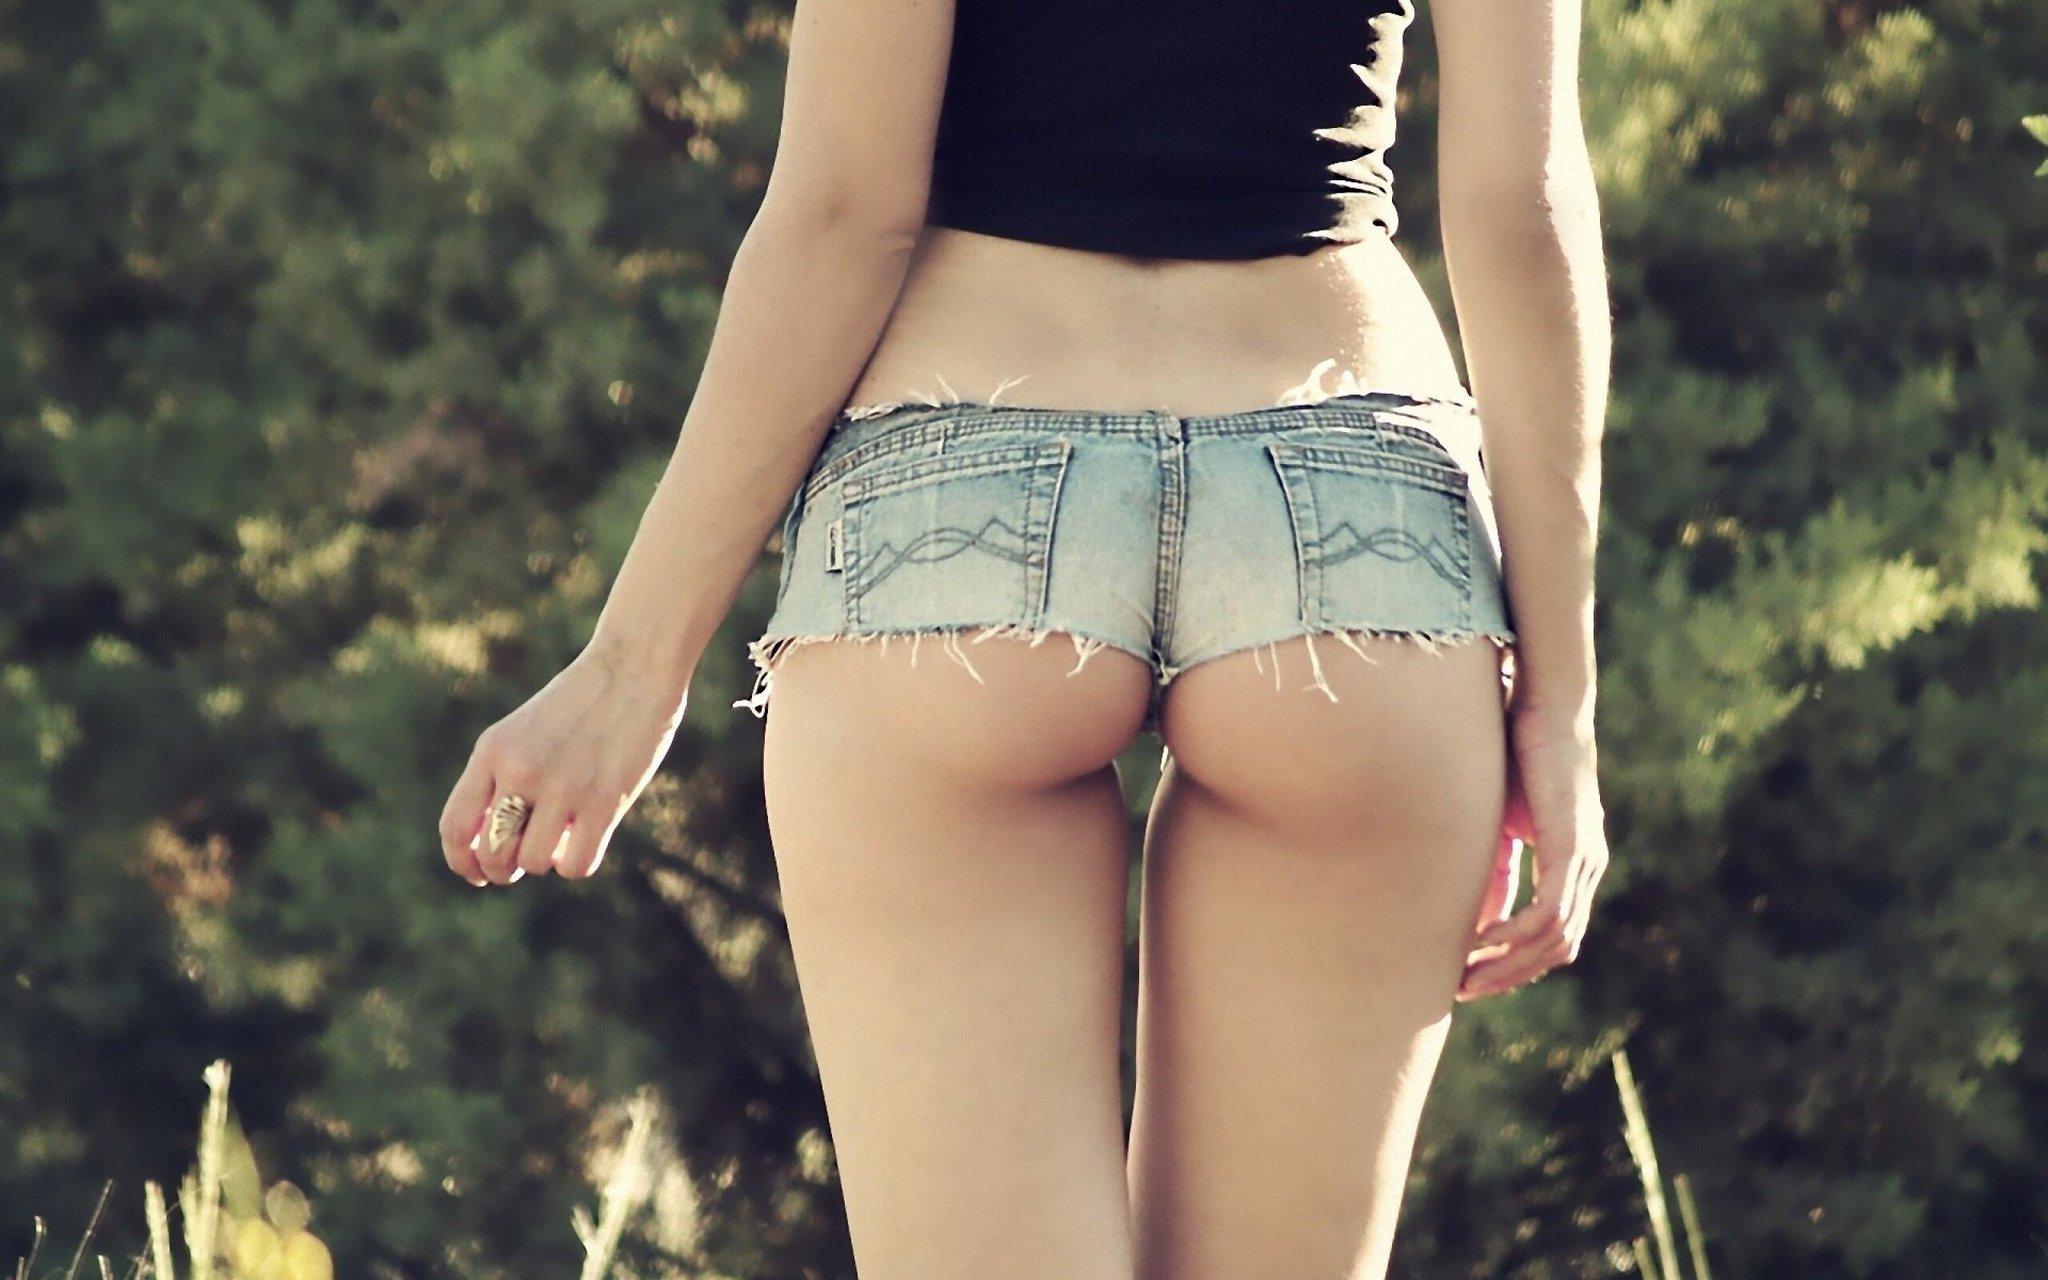 Video hot girls bending over shorts nake farm girl